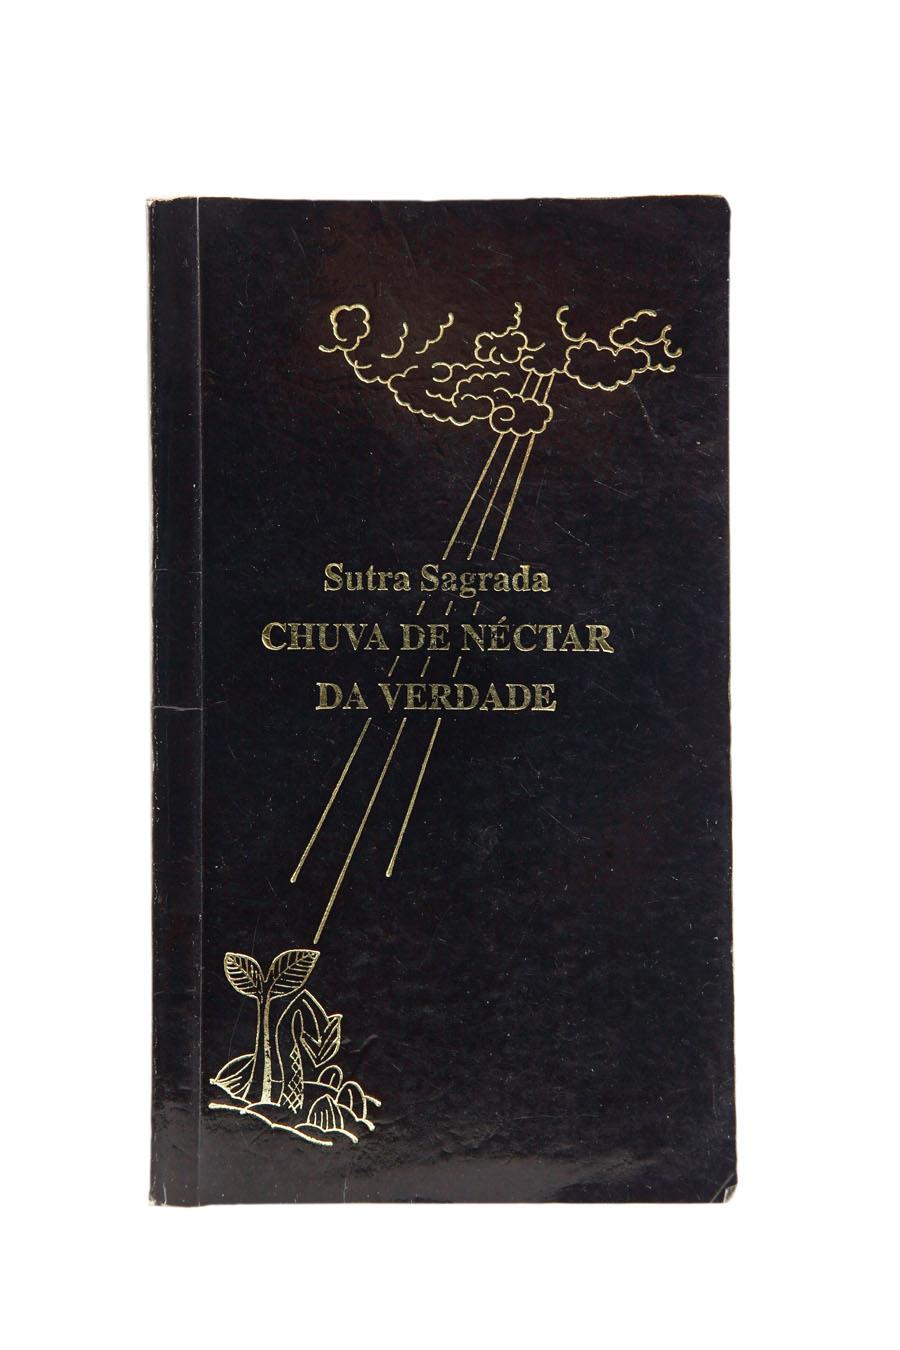 Livro - Esta é a minissutra sagrada, leio toda manhã, para começar bem o dia.